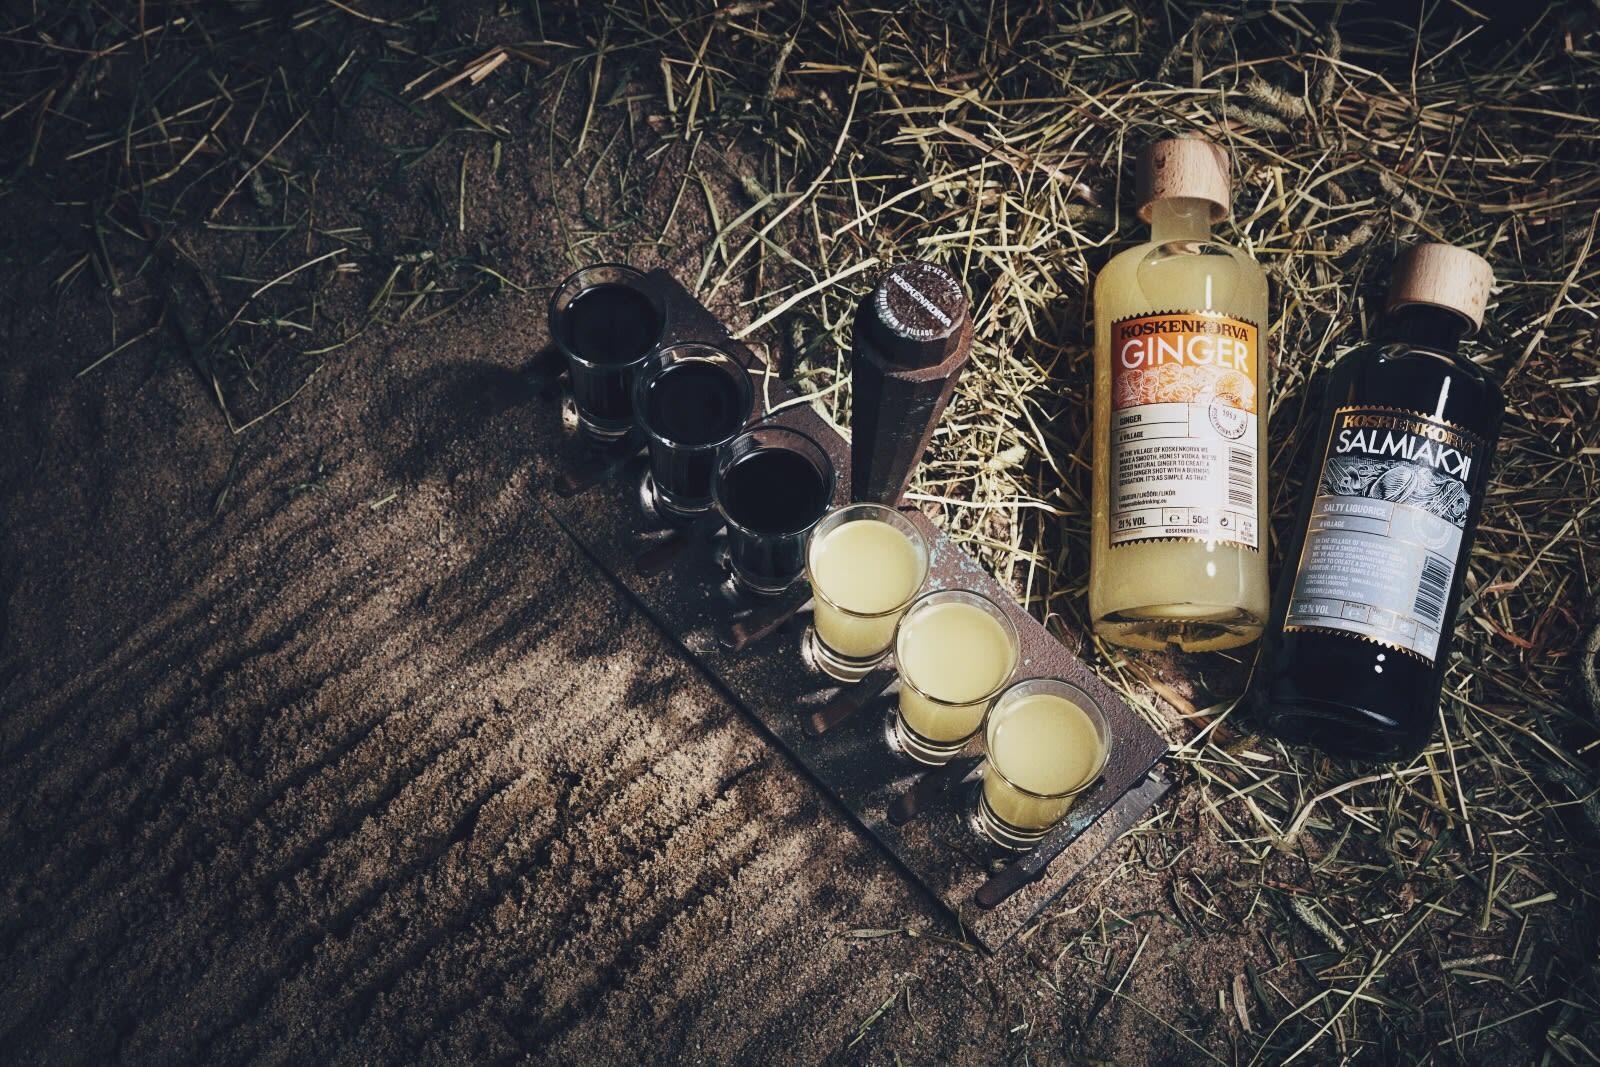 Koskenkorva Salmiakki und Koskenkorva Ginger Shots mit Flaschen